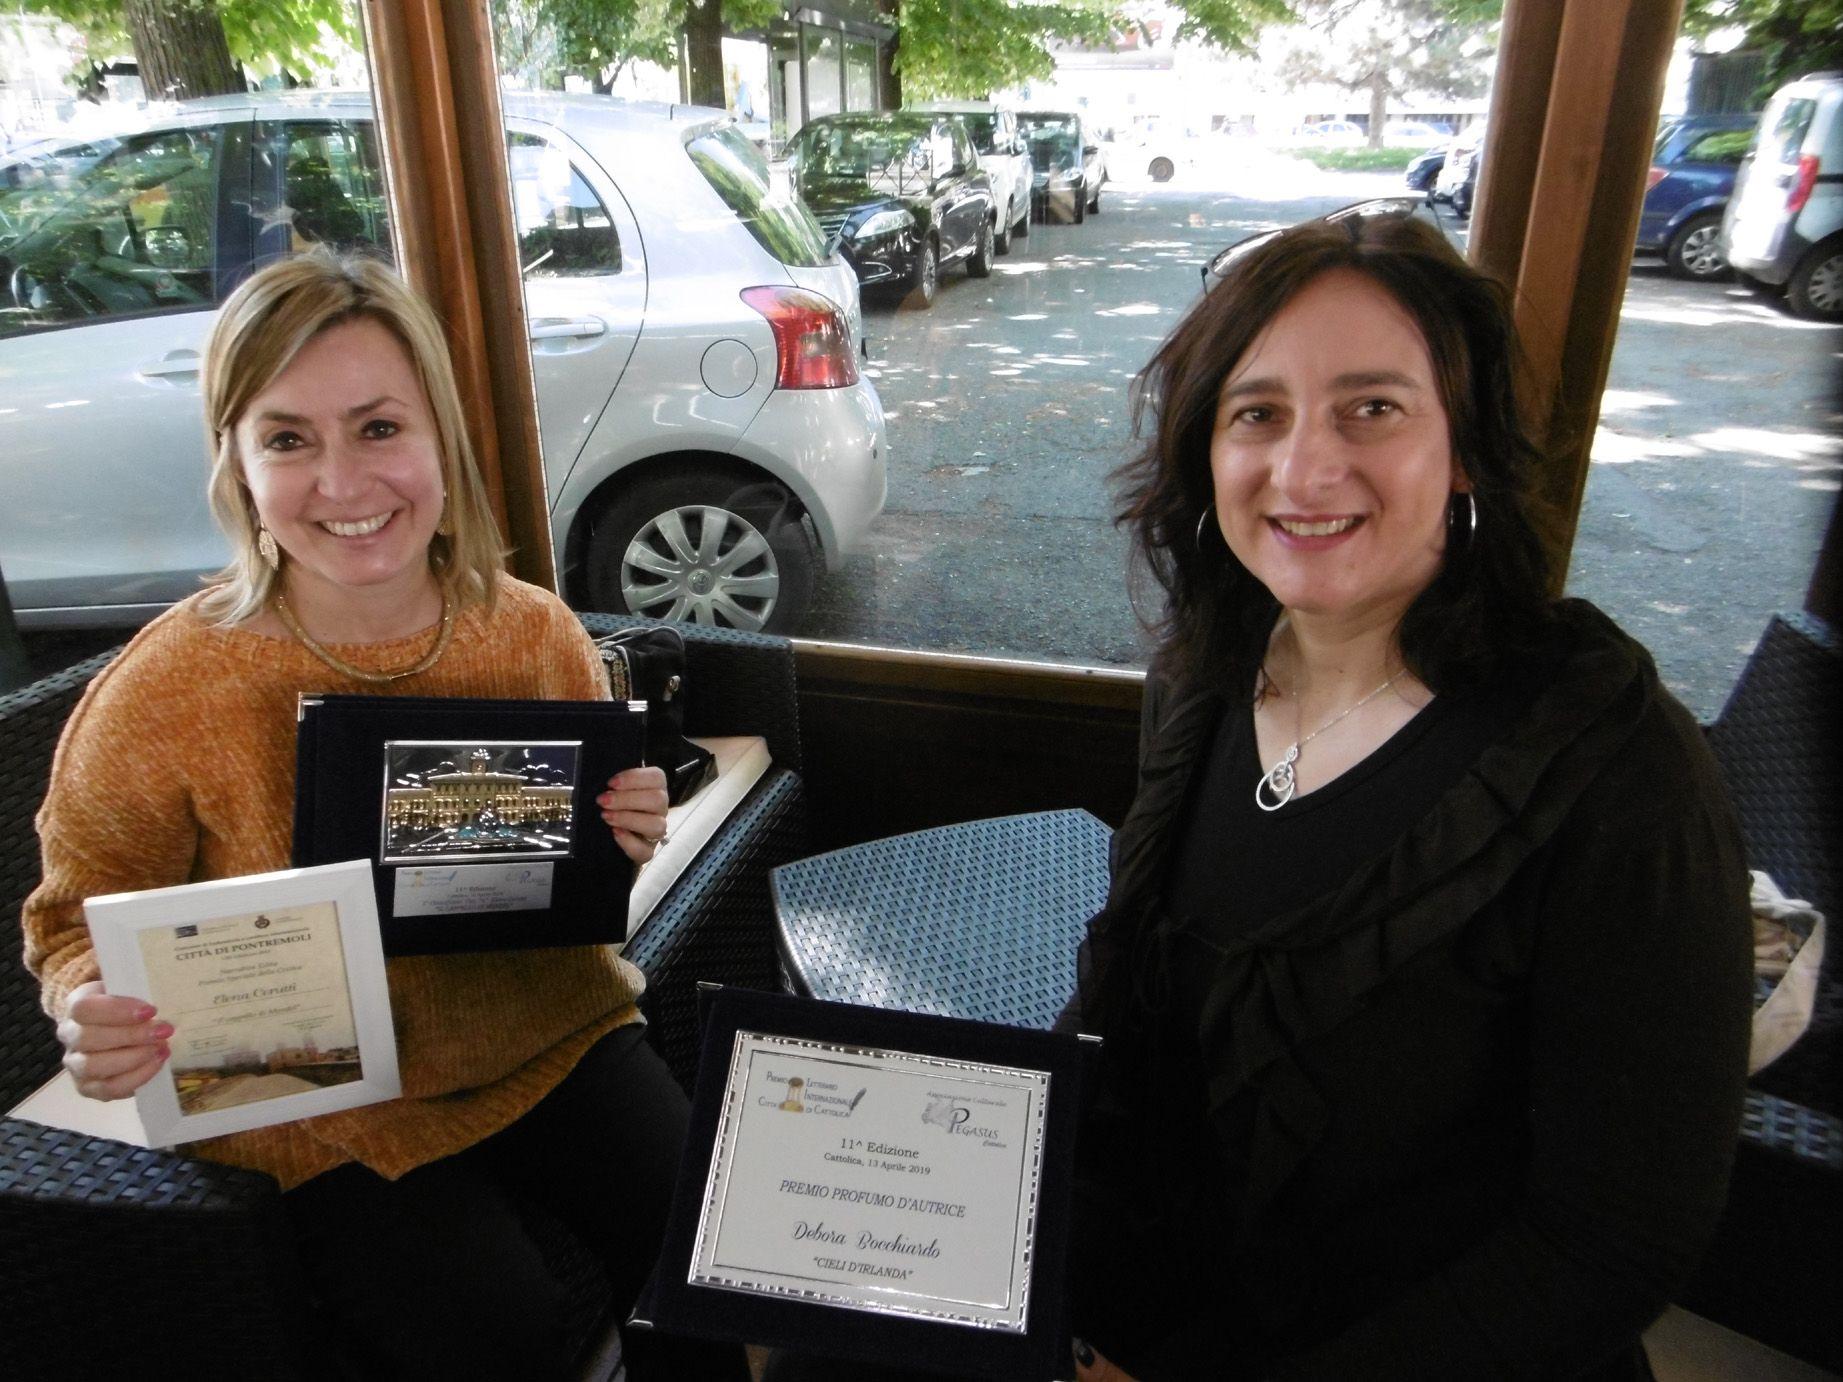 CANAVESE - Premiate le scrittrici Elena Cerutti e Debora Bocchiardo